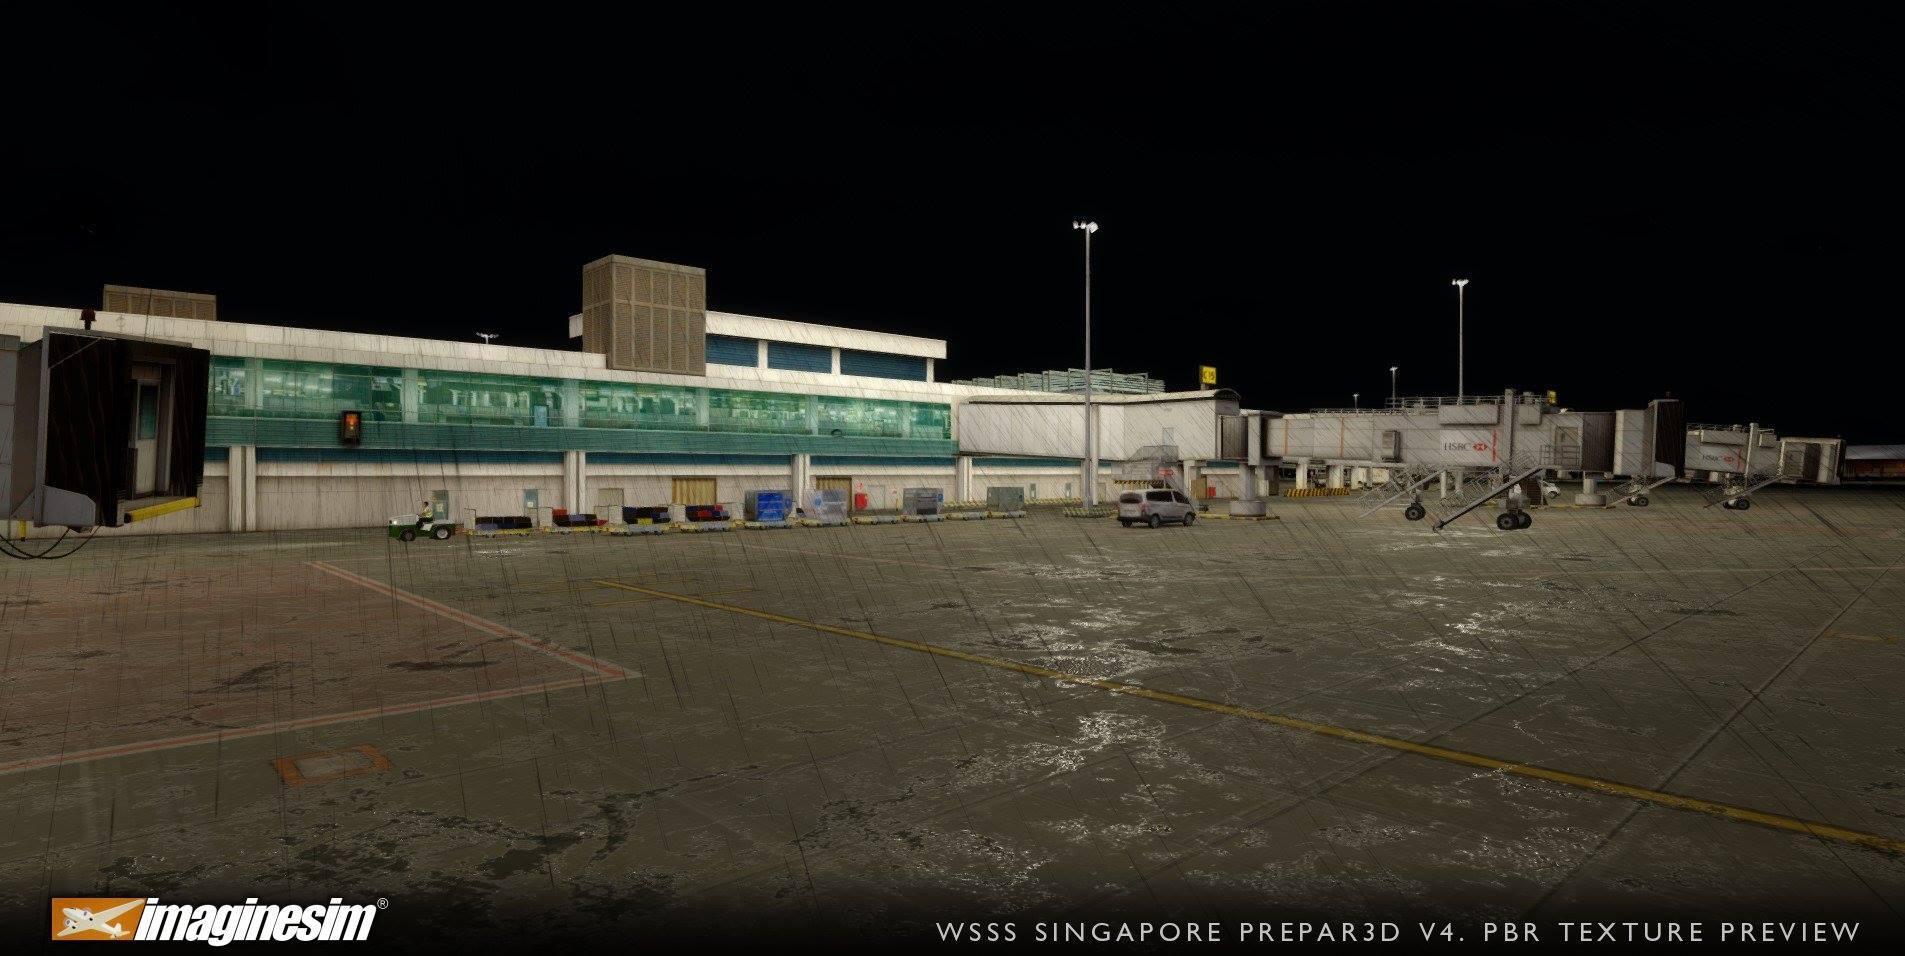 Imaginesim Singapore Pbr Rain P3dv4 (6)